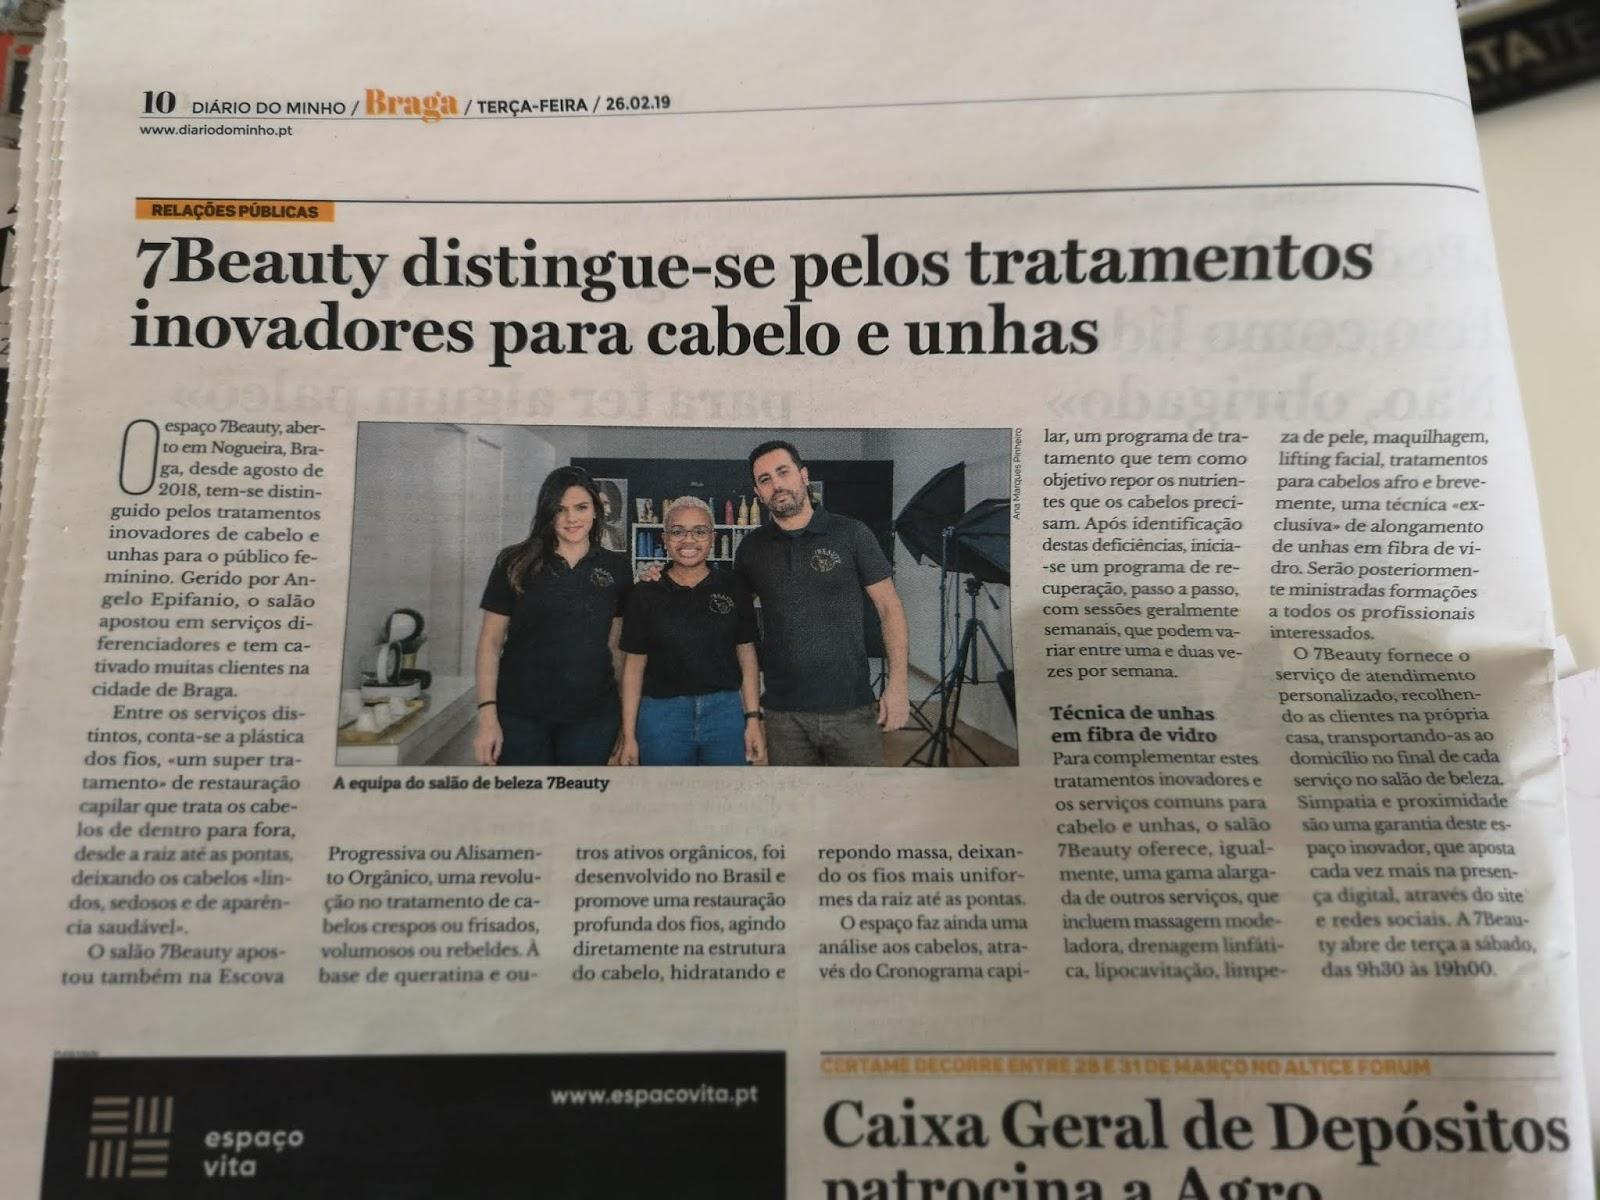 Salão de beleza em Braga distingue-se pelos tratamentos inovadores para cabelo e unhas